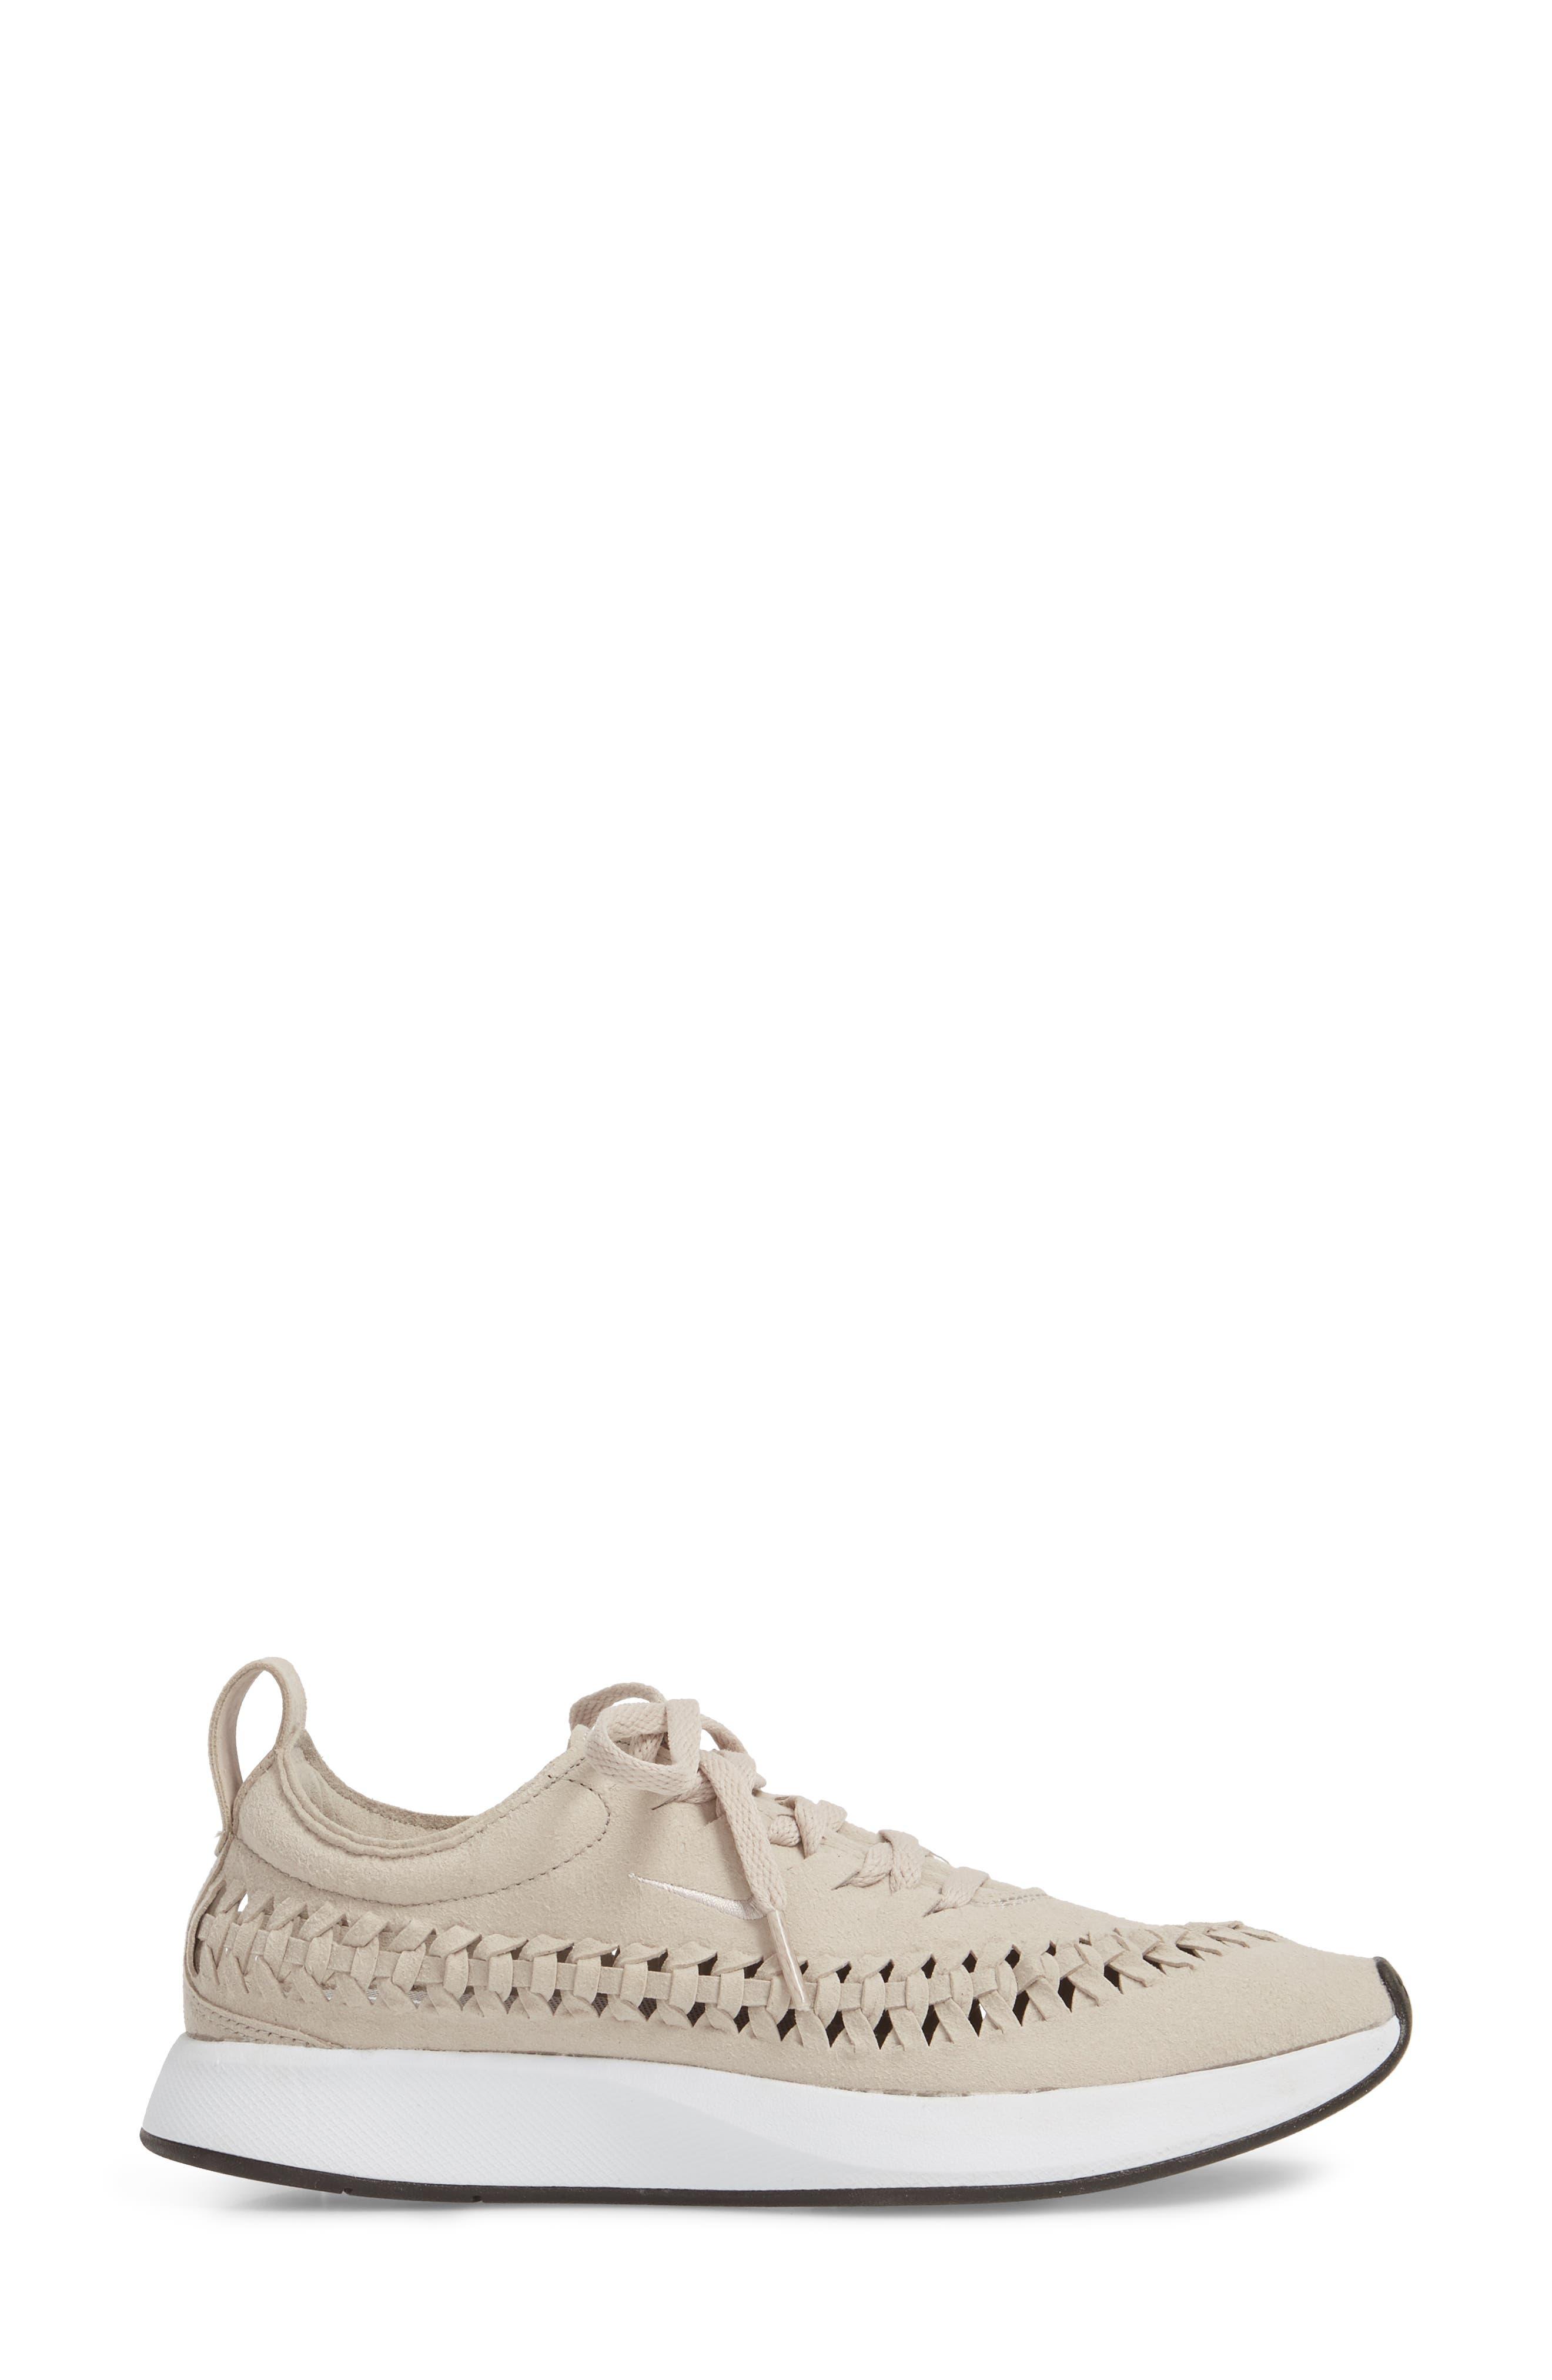 Dualtone Racer Woven Sneaker,                             Alternate thumbnail 6, color,                             Moon Particle/ Moon Particle